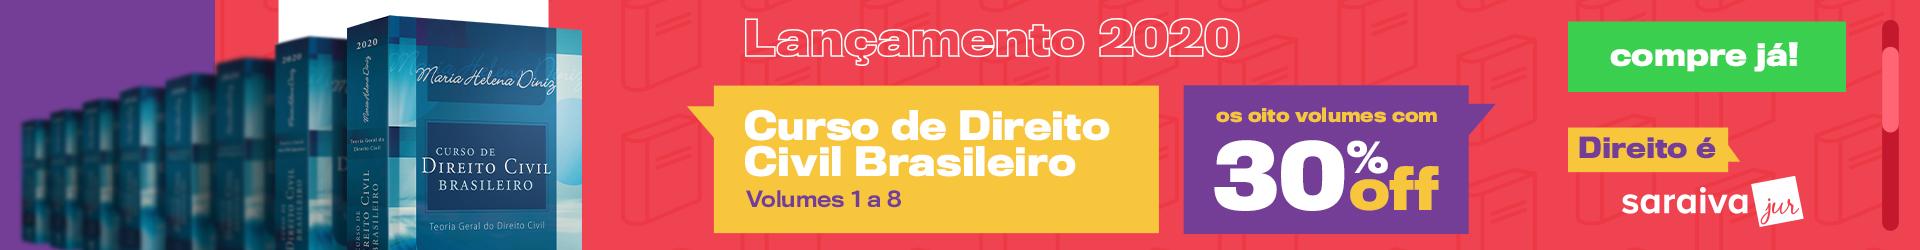 cursocivilbrasileiro2020